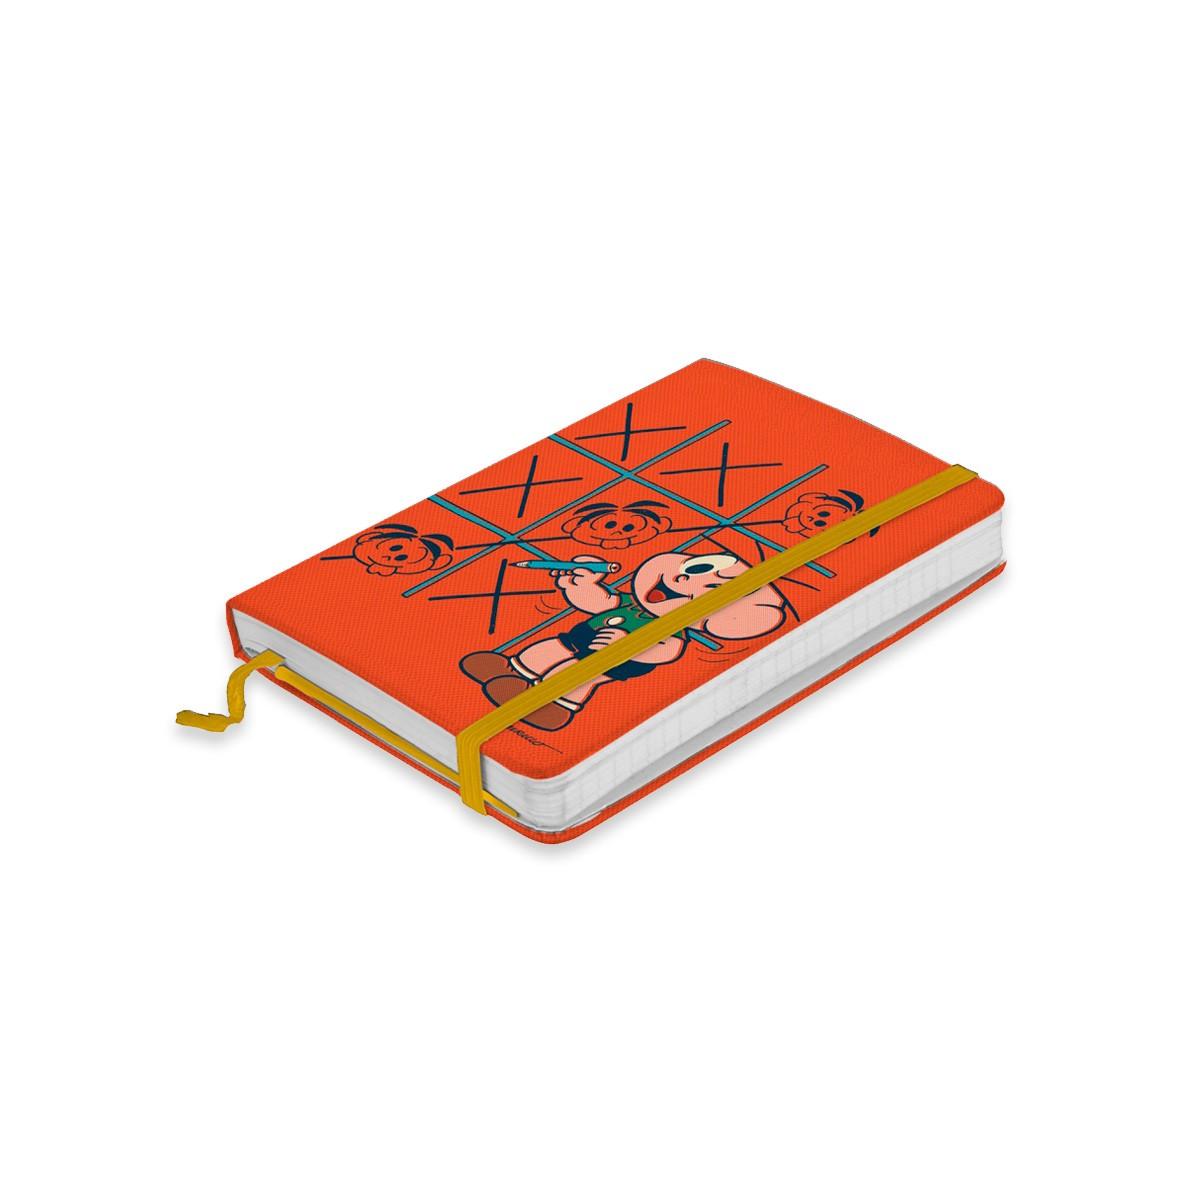 Caderneta de Anotações Turma da Mônica Tic Tac Toe